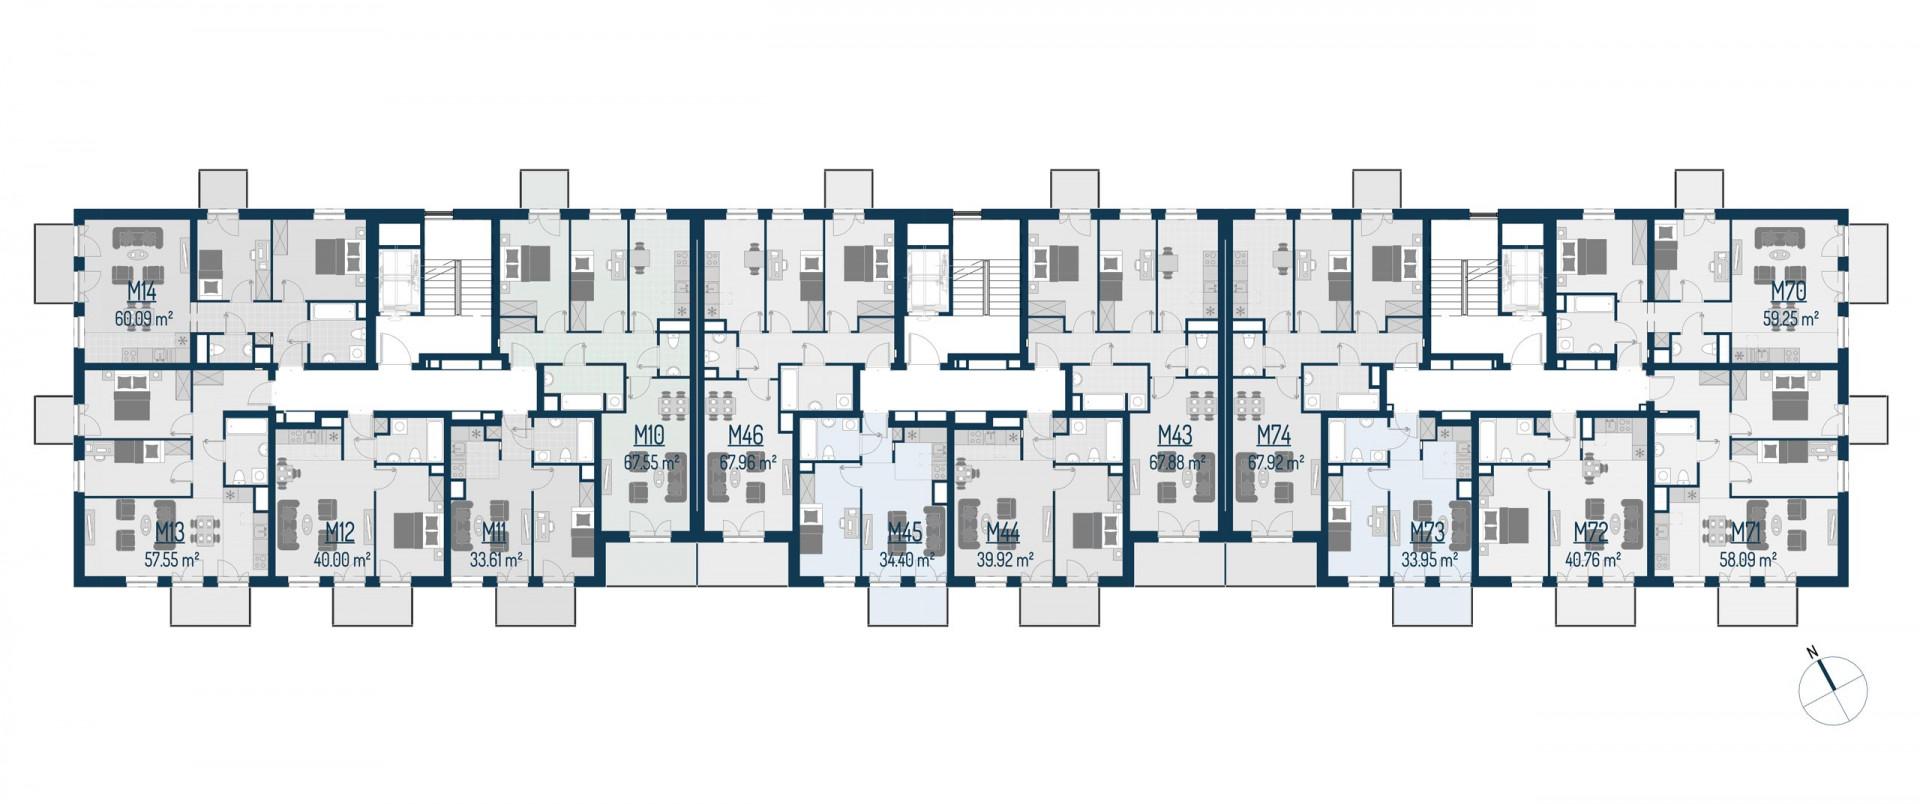 Zdrowe Stylove / budynek 1 / mieszkanie nr M71 rzut 2